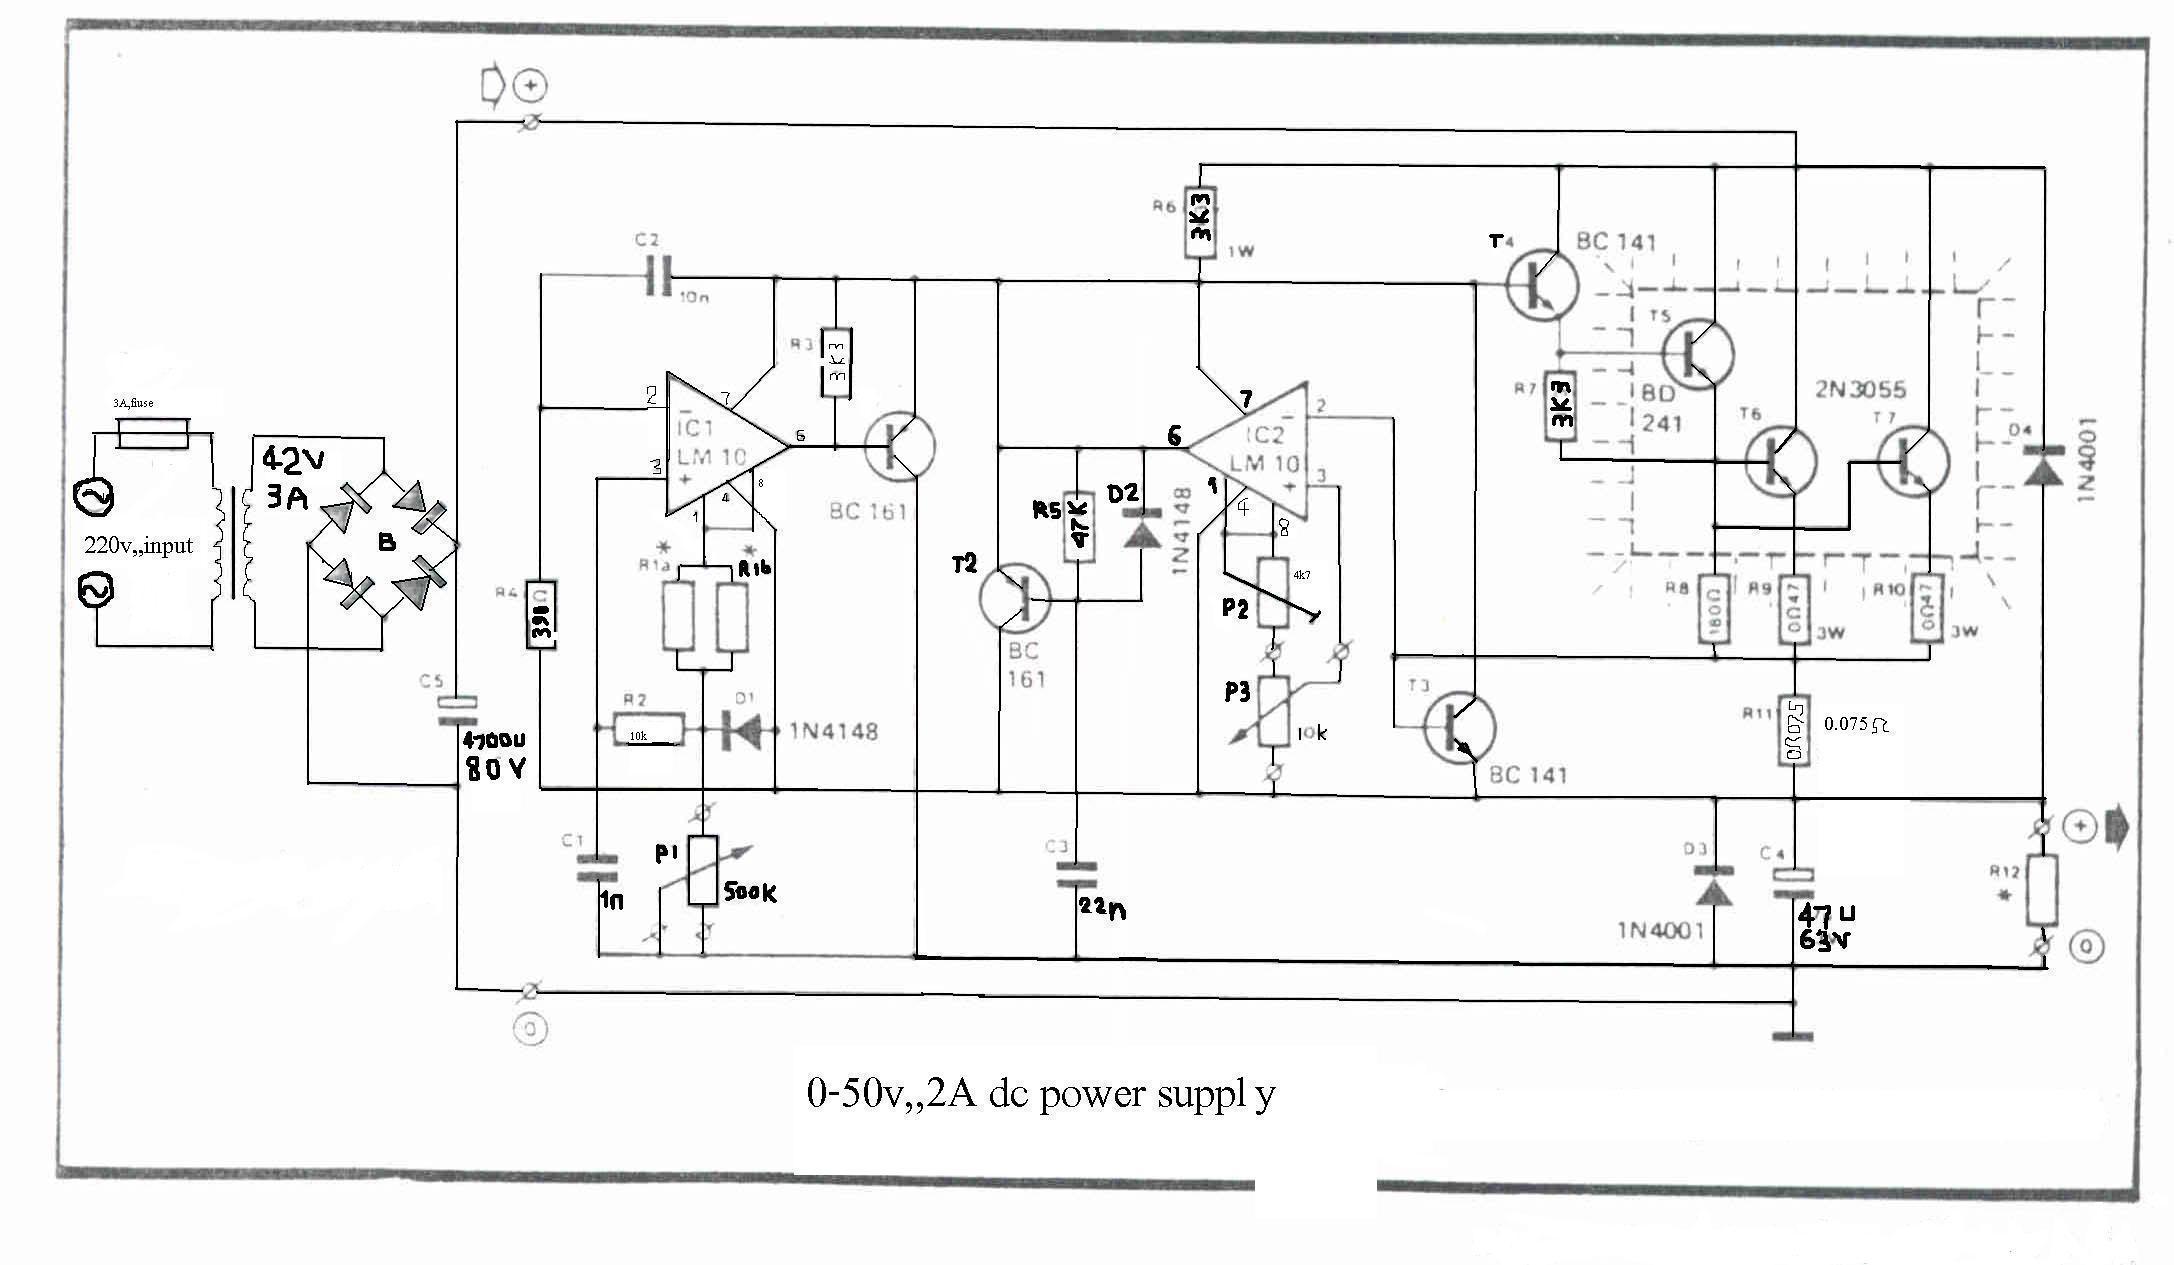 schemat monta�owy - zasilacz stabilizowany 30v/3A albo 50V/2A